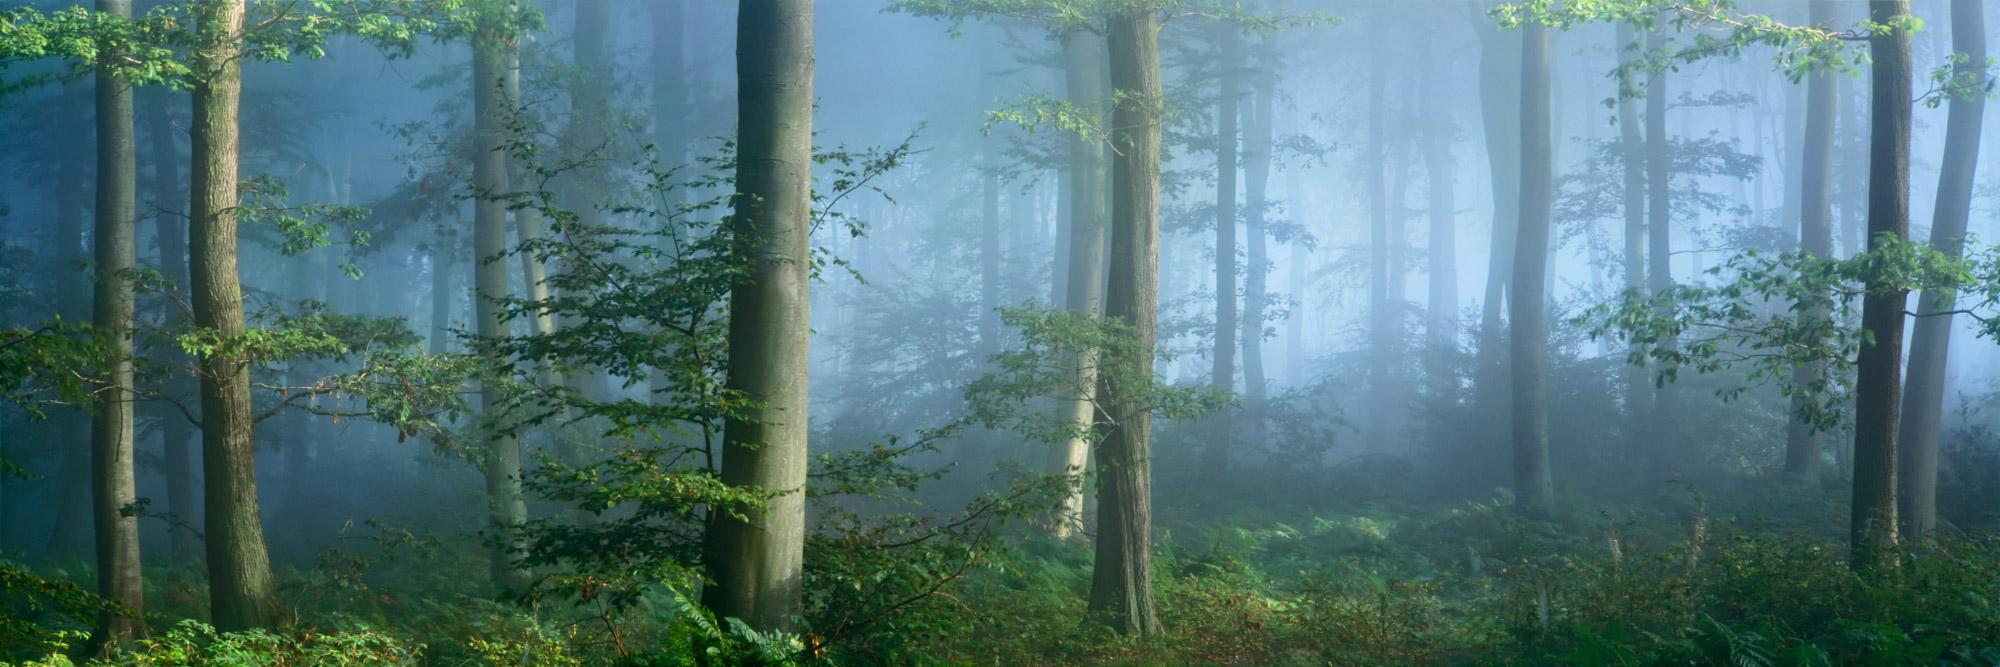 Forêt de Brotonne, Vallée de la Seine